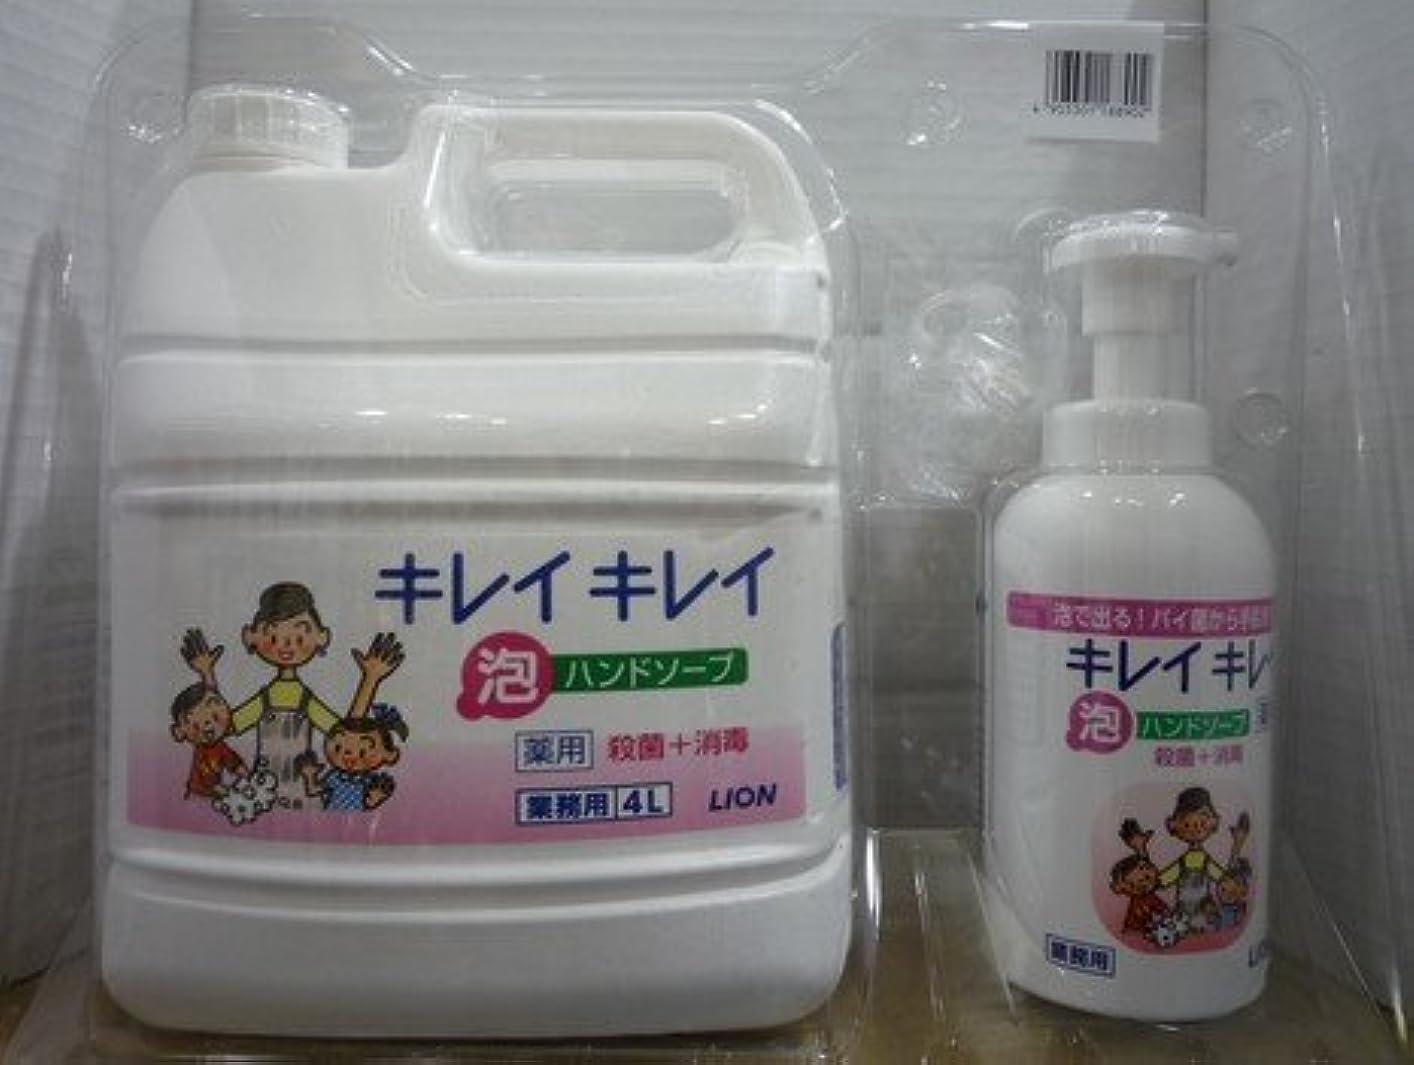 肝気難しい繁雑キレイキレイ 薬用泡ハンドソープ 業務用 4L+キレイキレイ 薬用泡ハンドソープボトル550ml